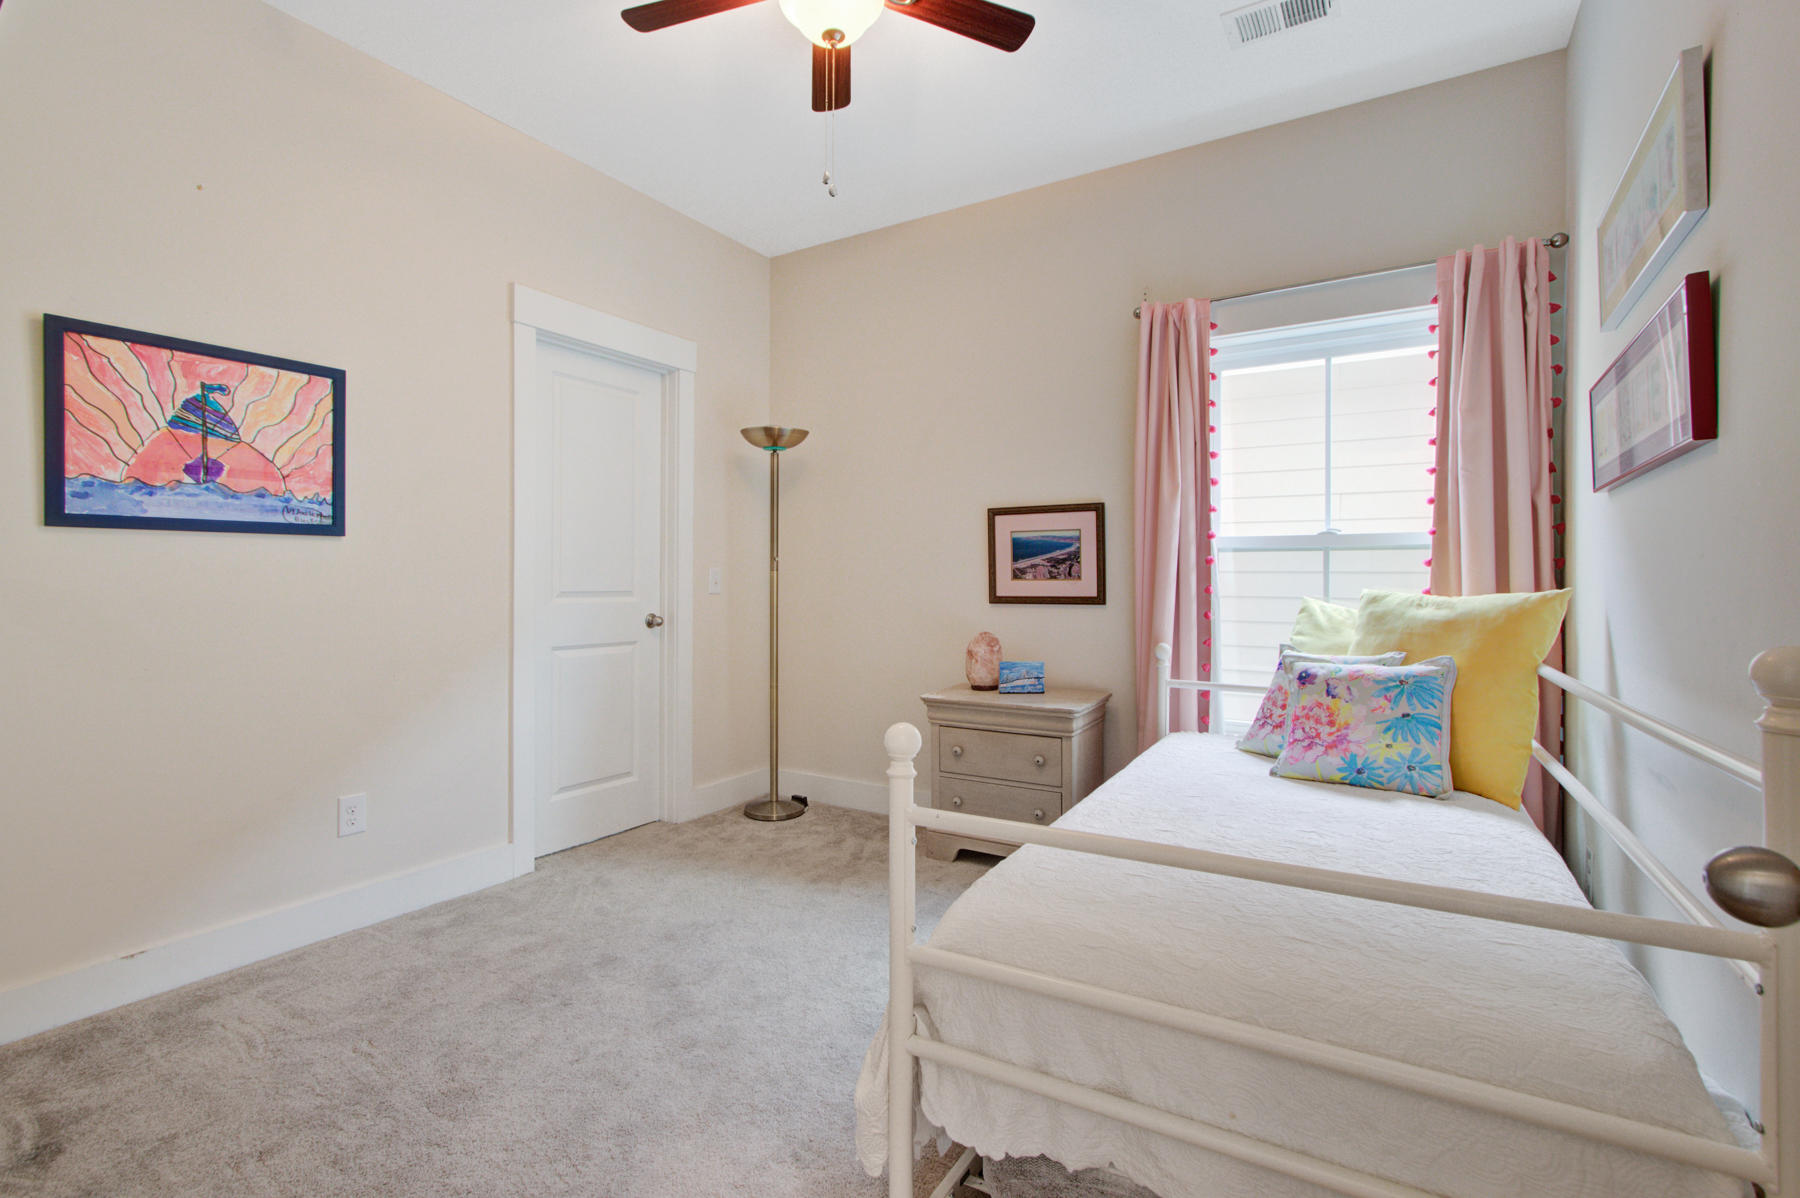 Moultrie Park Homes For Sale - 610 Ellingson, Mount Pleasant, SC - 5